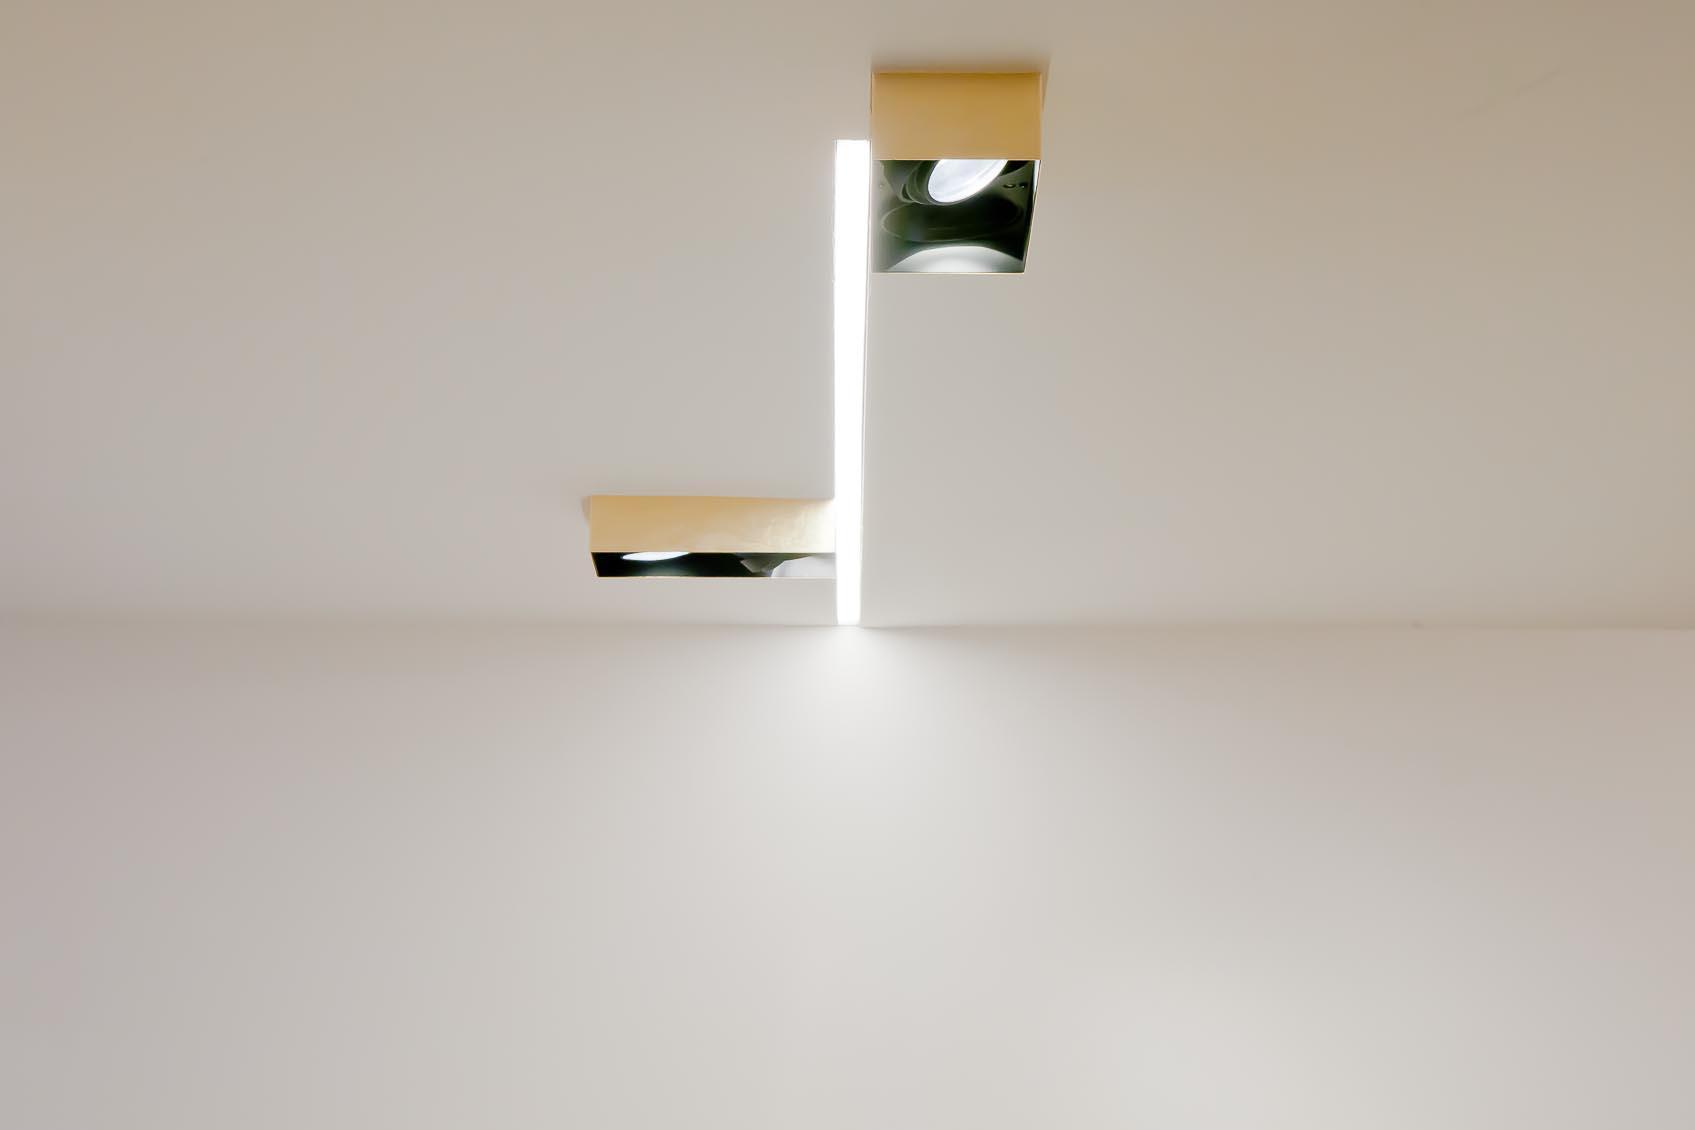 creatieve combinatie verlichtingsarmaturen, inbouw led lichtlijn en bernd beisse opbouwspot in bladgoud